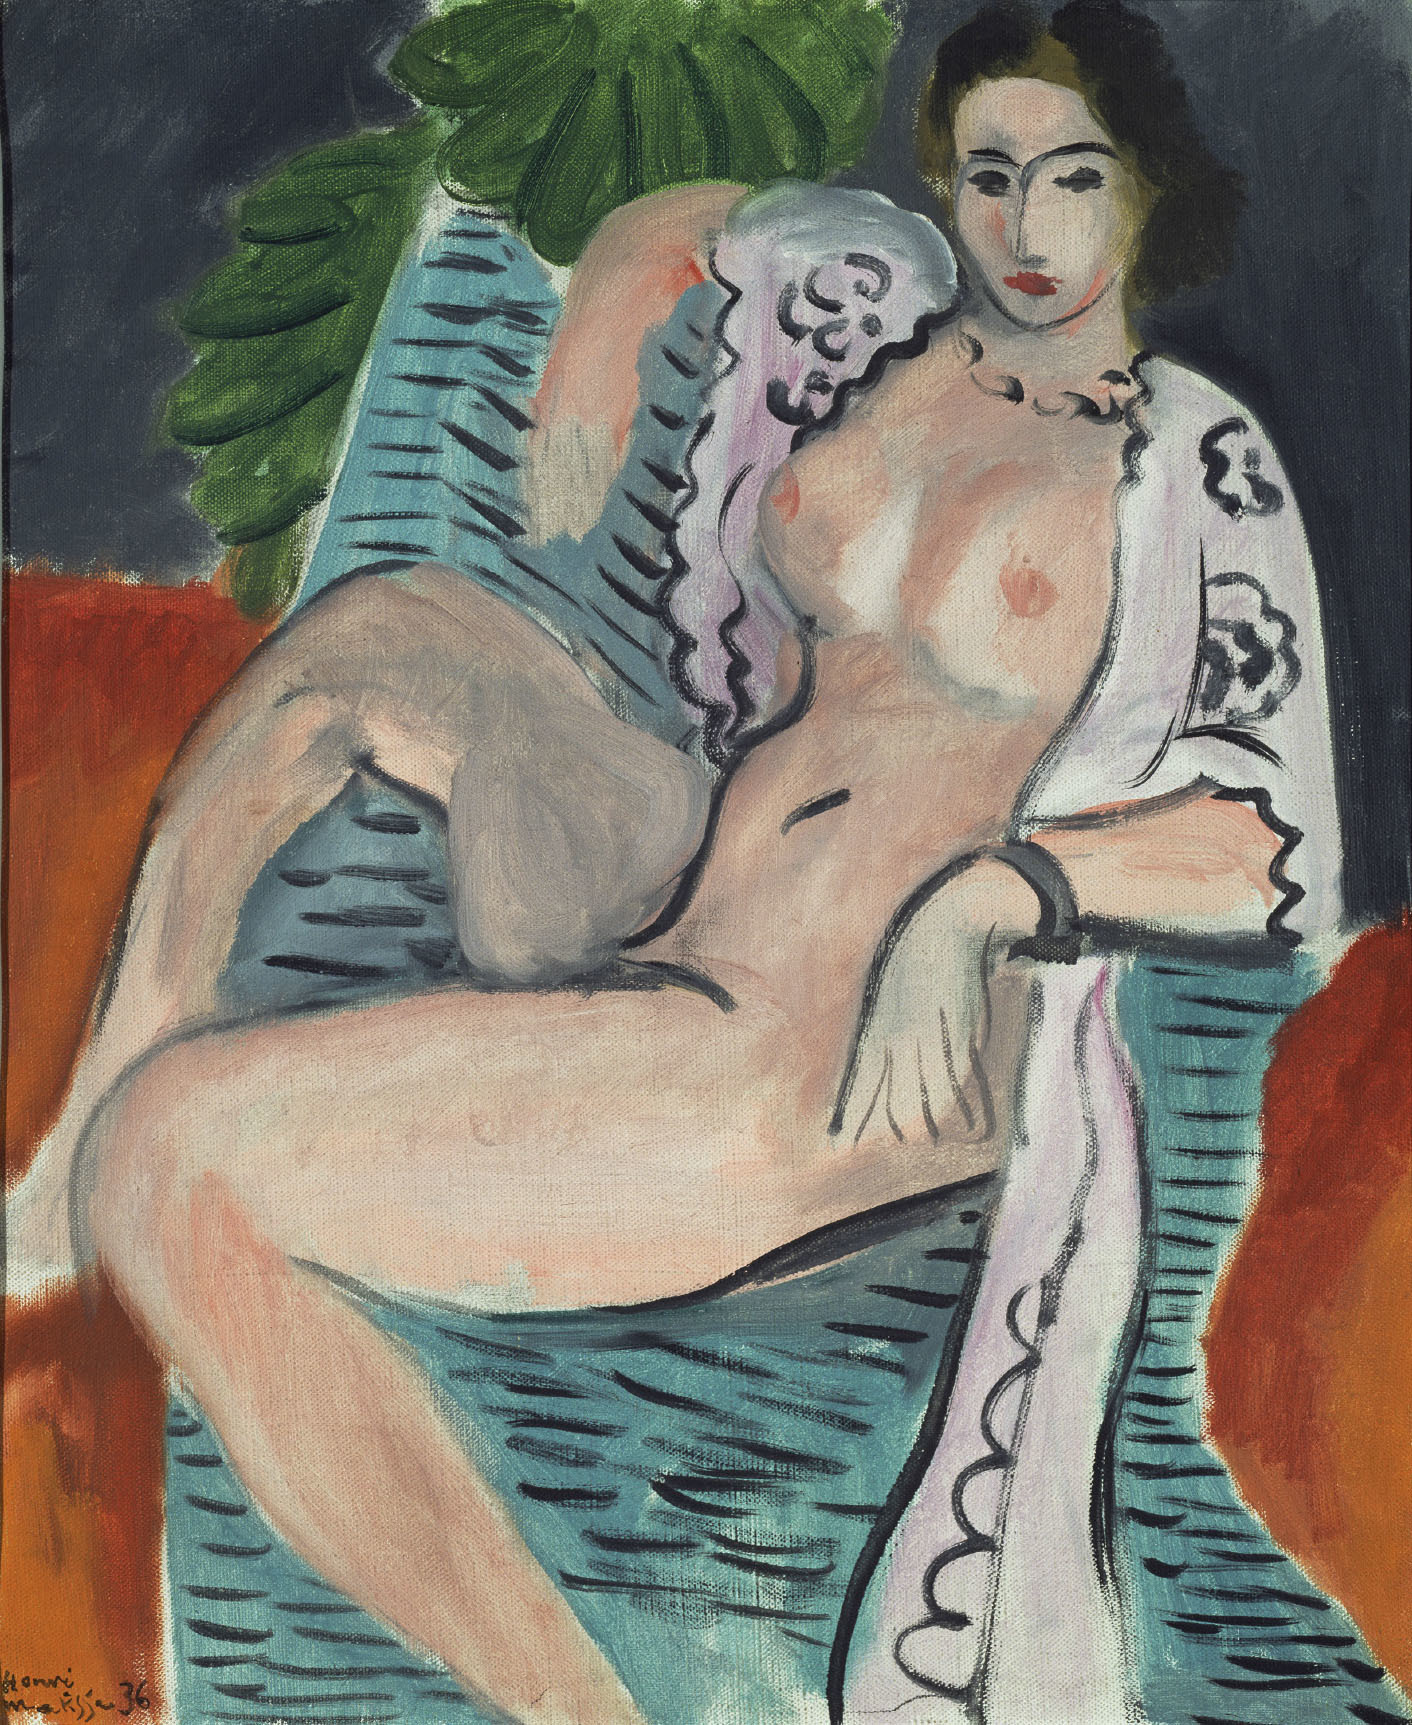 アンリ・マティス 《布をまとう裸婦》 1936年 油彩/カンヴァス 45.7×37.5cm